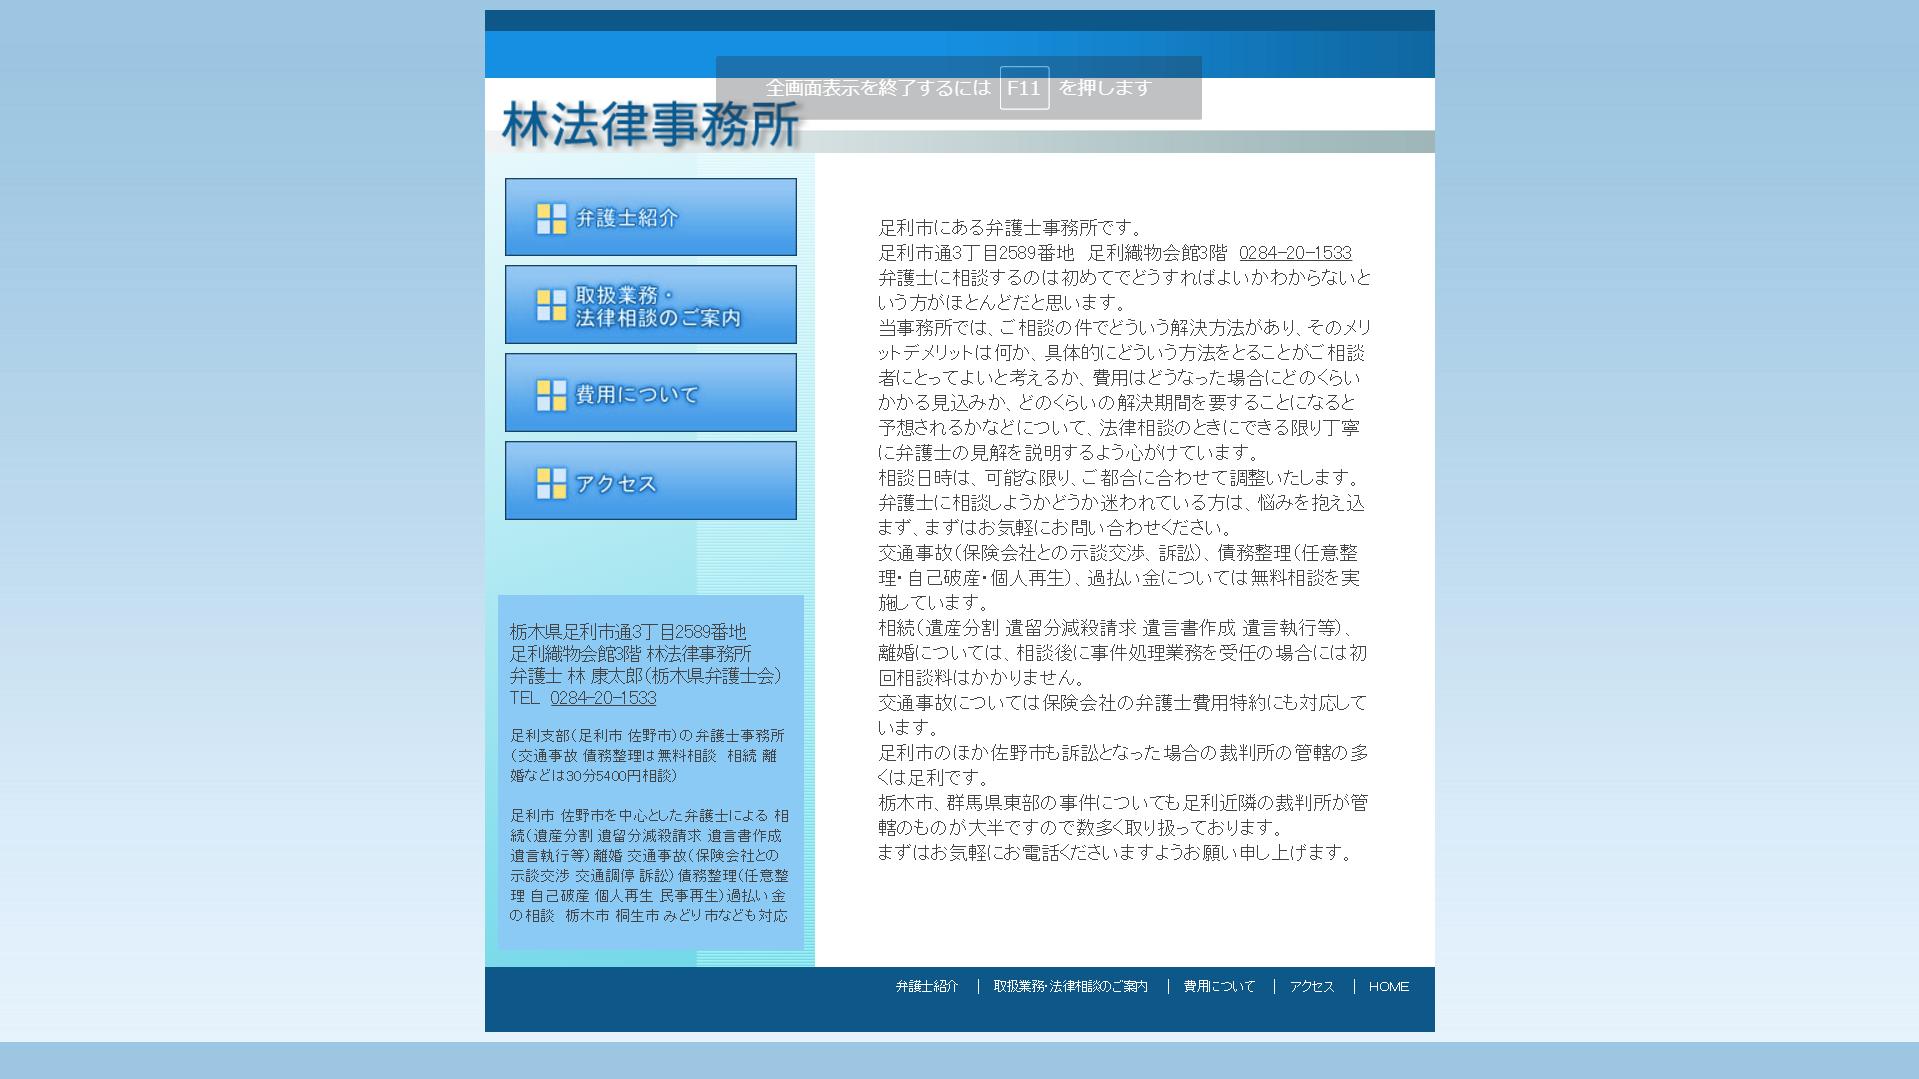 林法律事務所(栃木県足利市通)